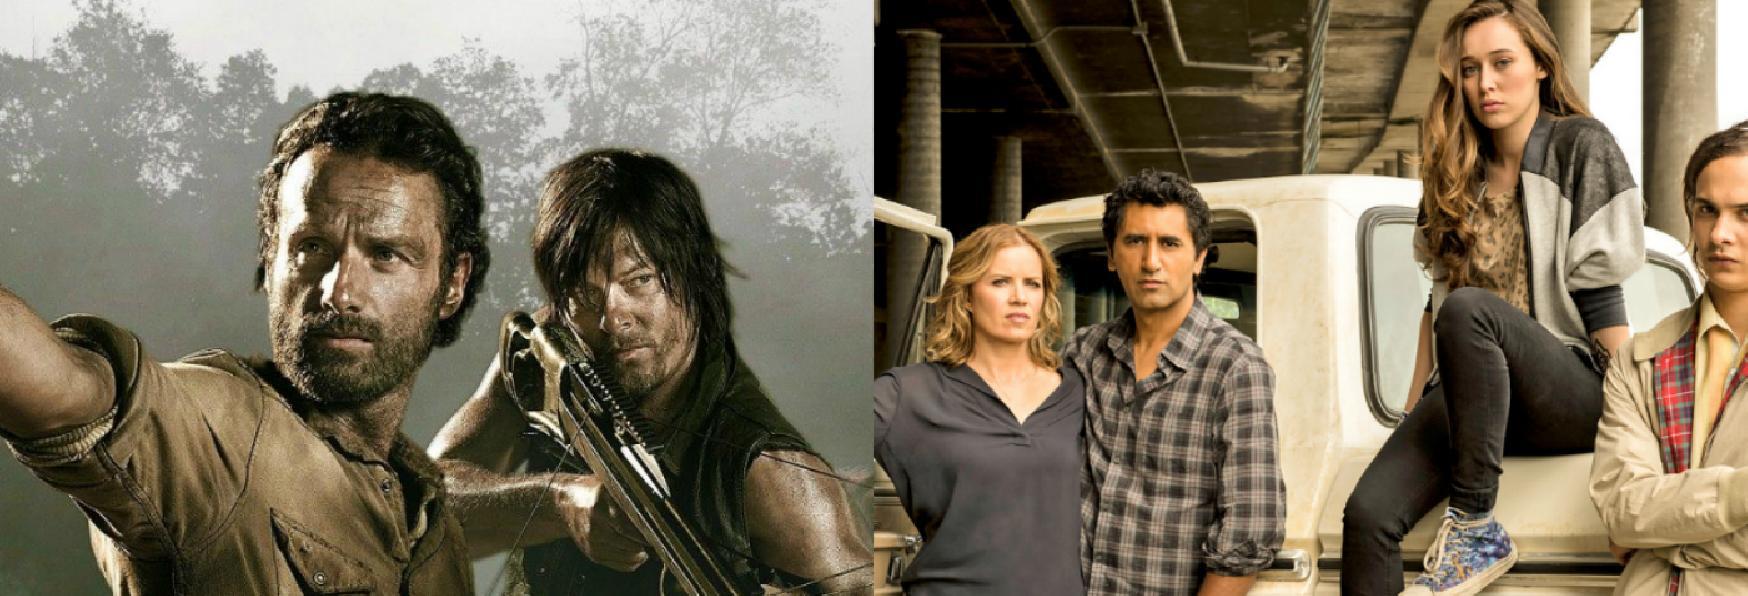 The Walking Dead: Nuovi aggiornamenti sul Secondo Spin-off della Serie